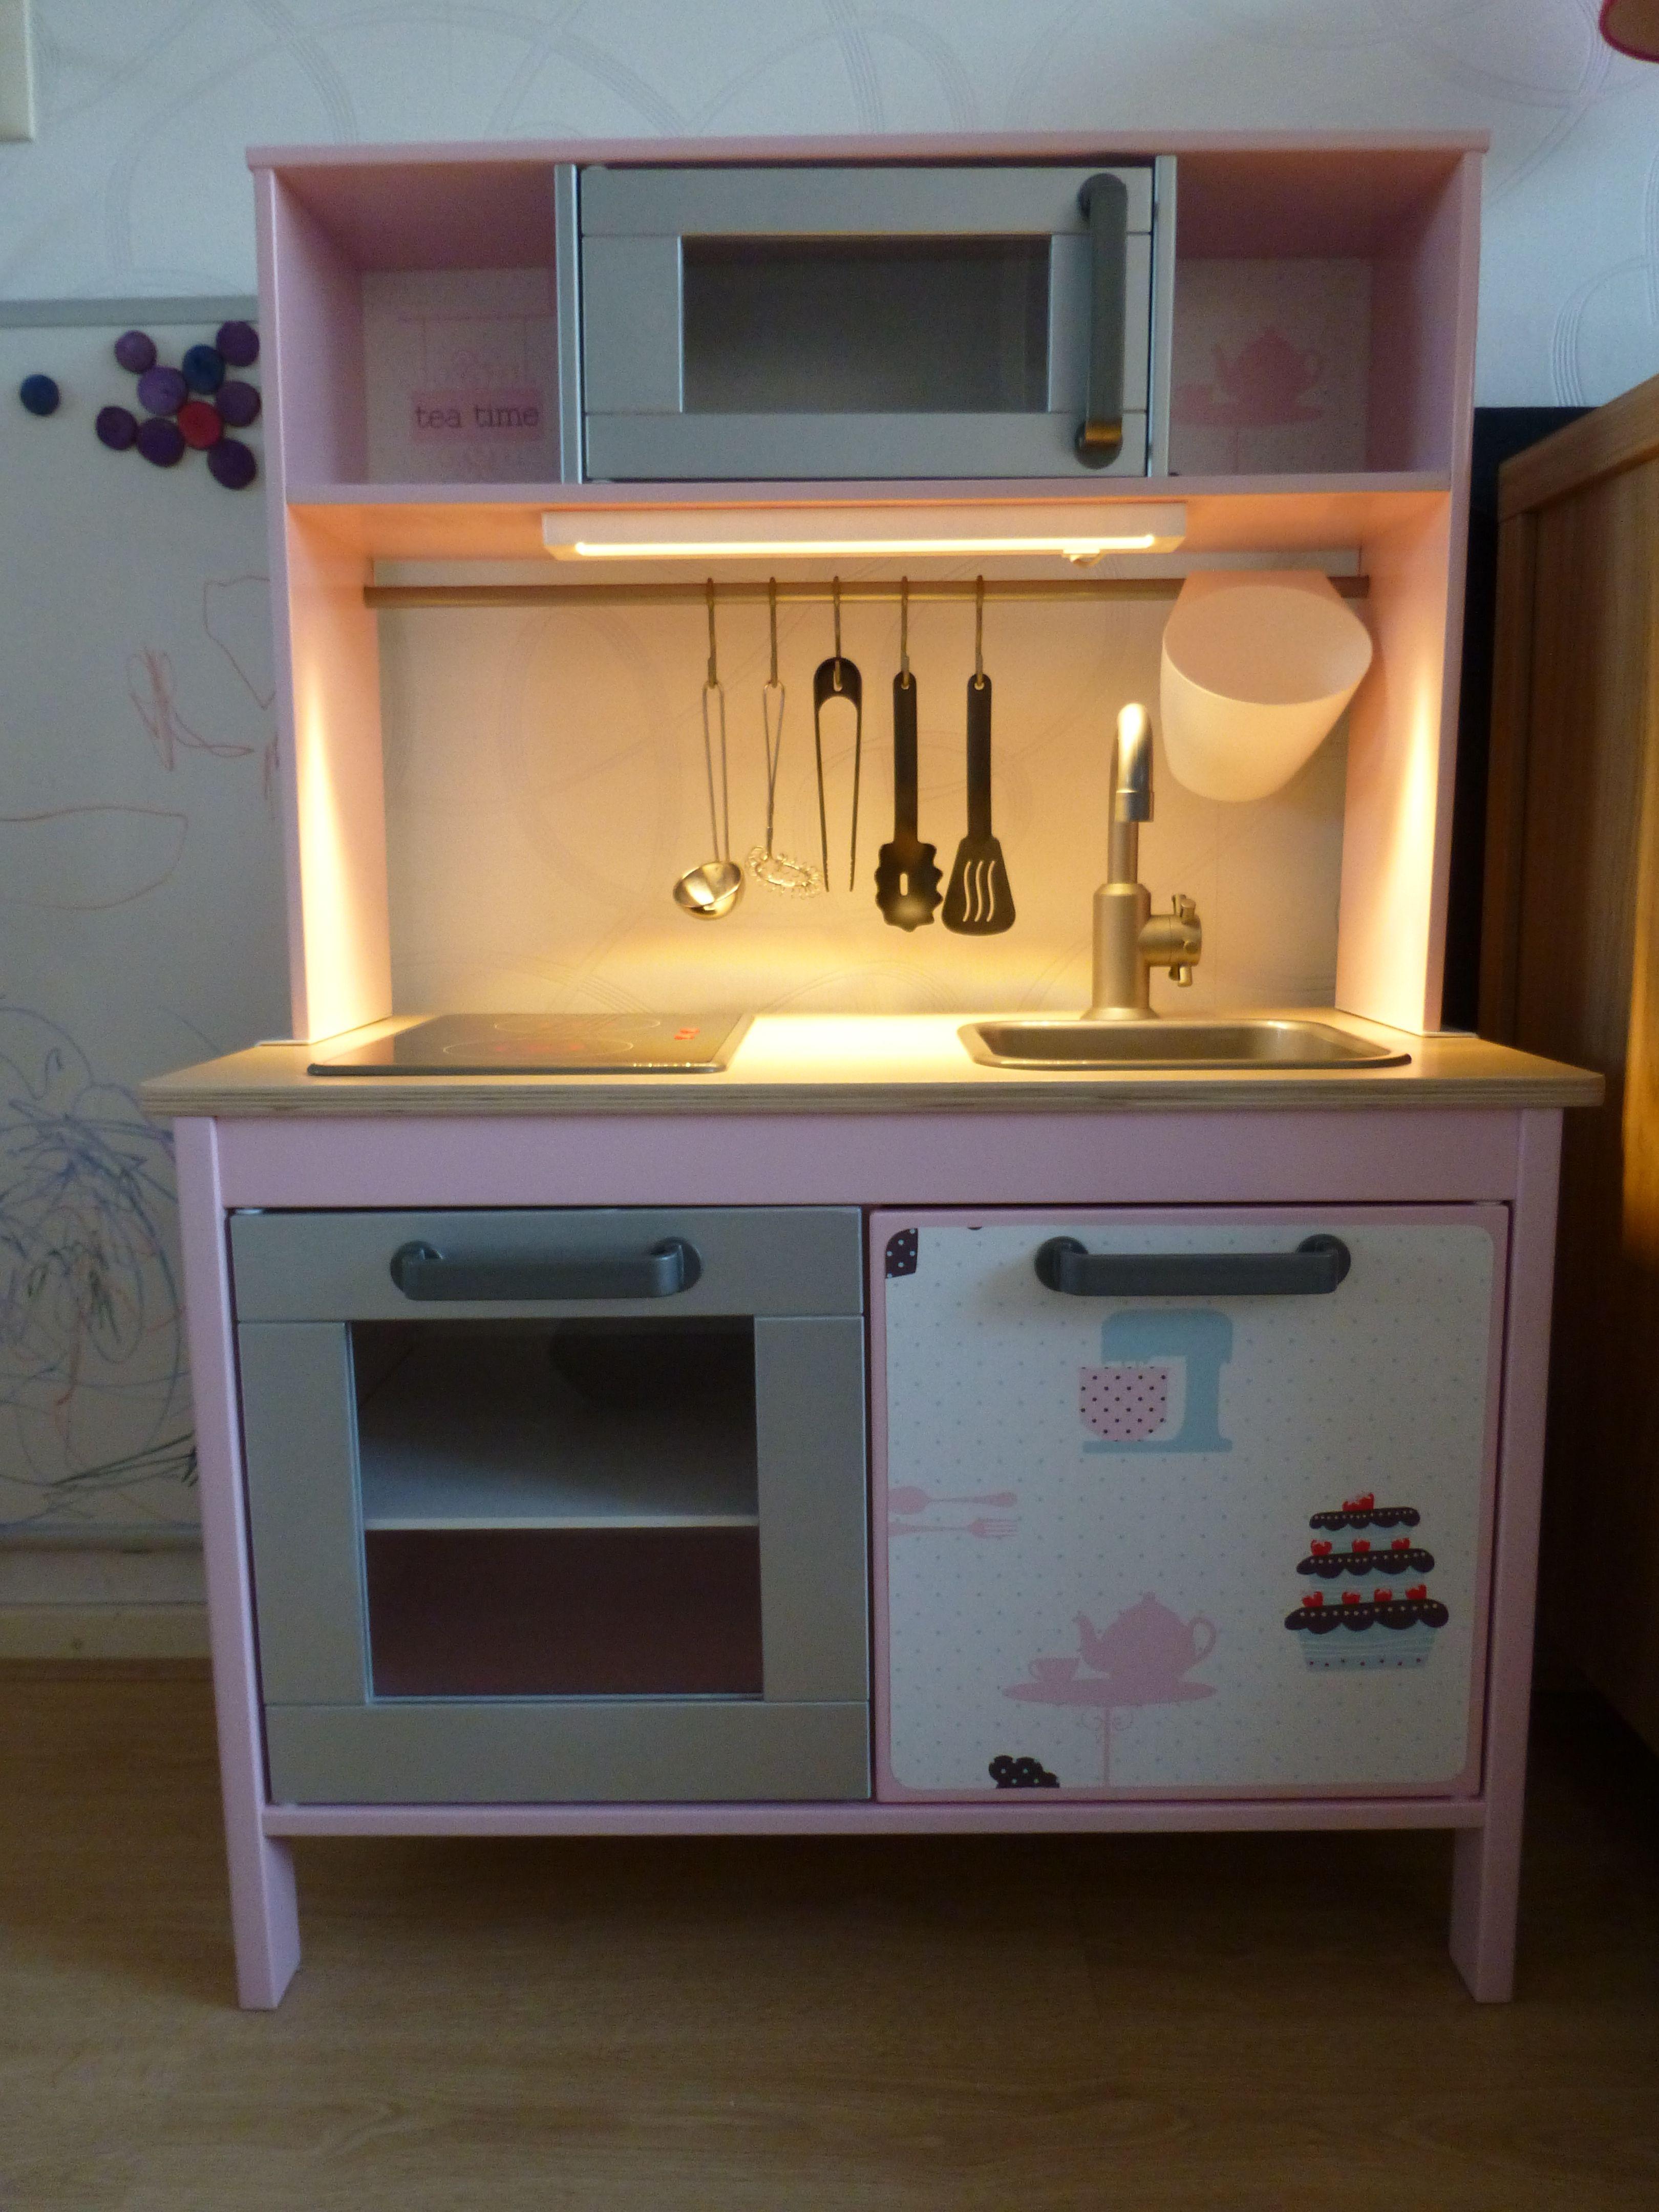 Ikea Cocina Niños | Wendy S 2e Verjaardags Kado Gepimpt Ikea Duktig Keukentje